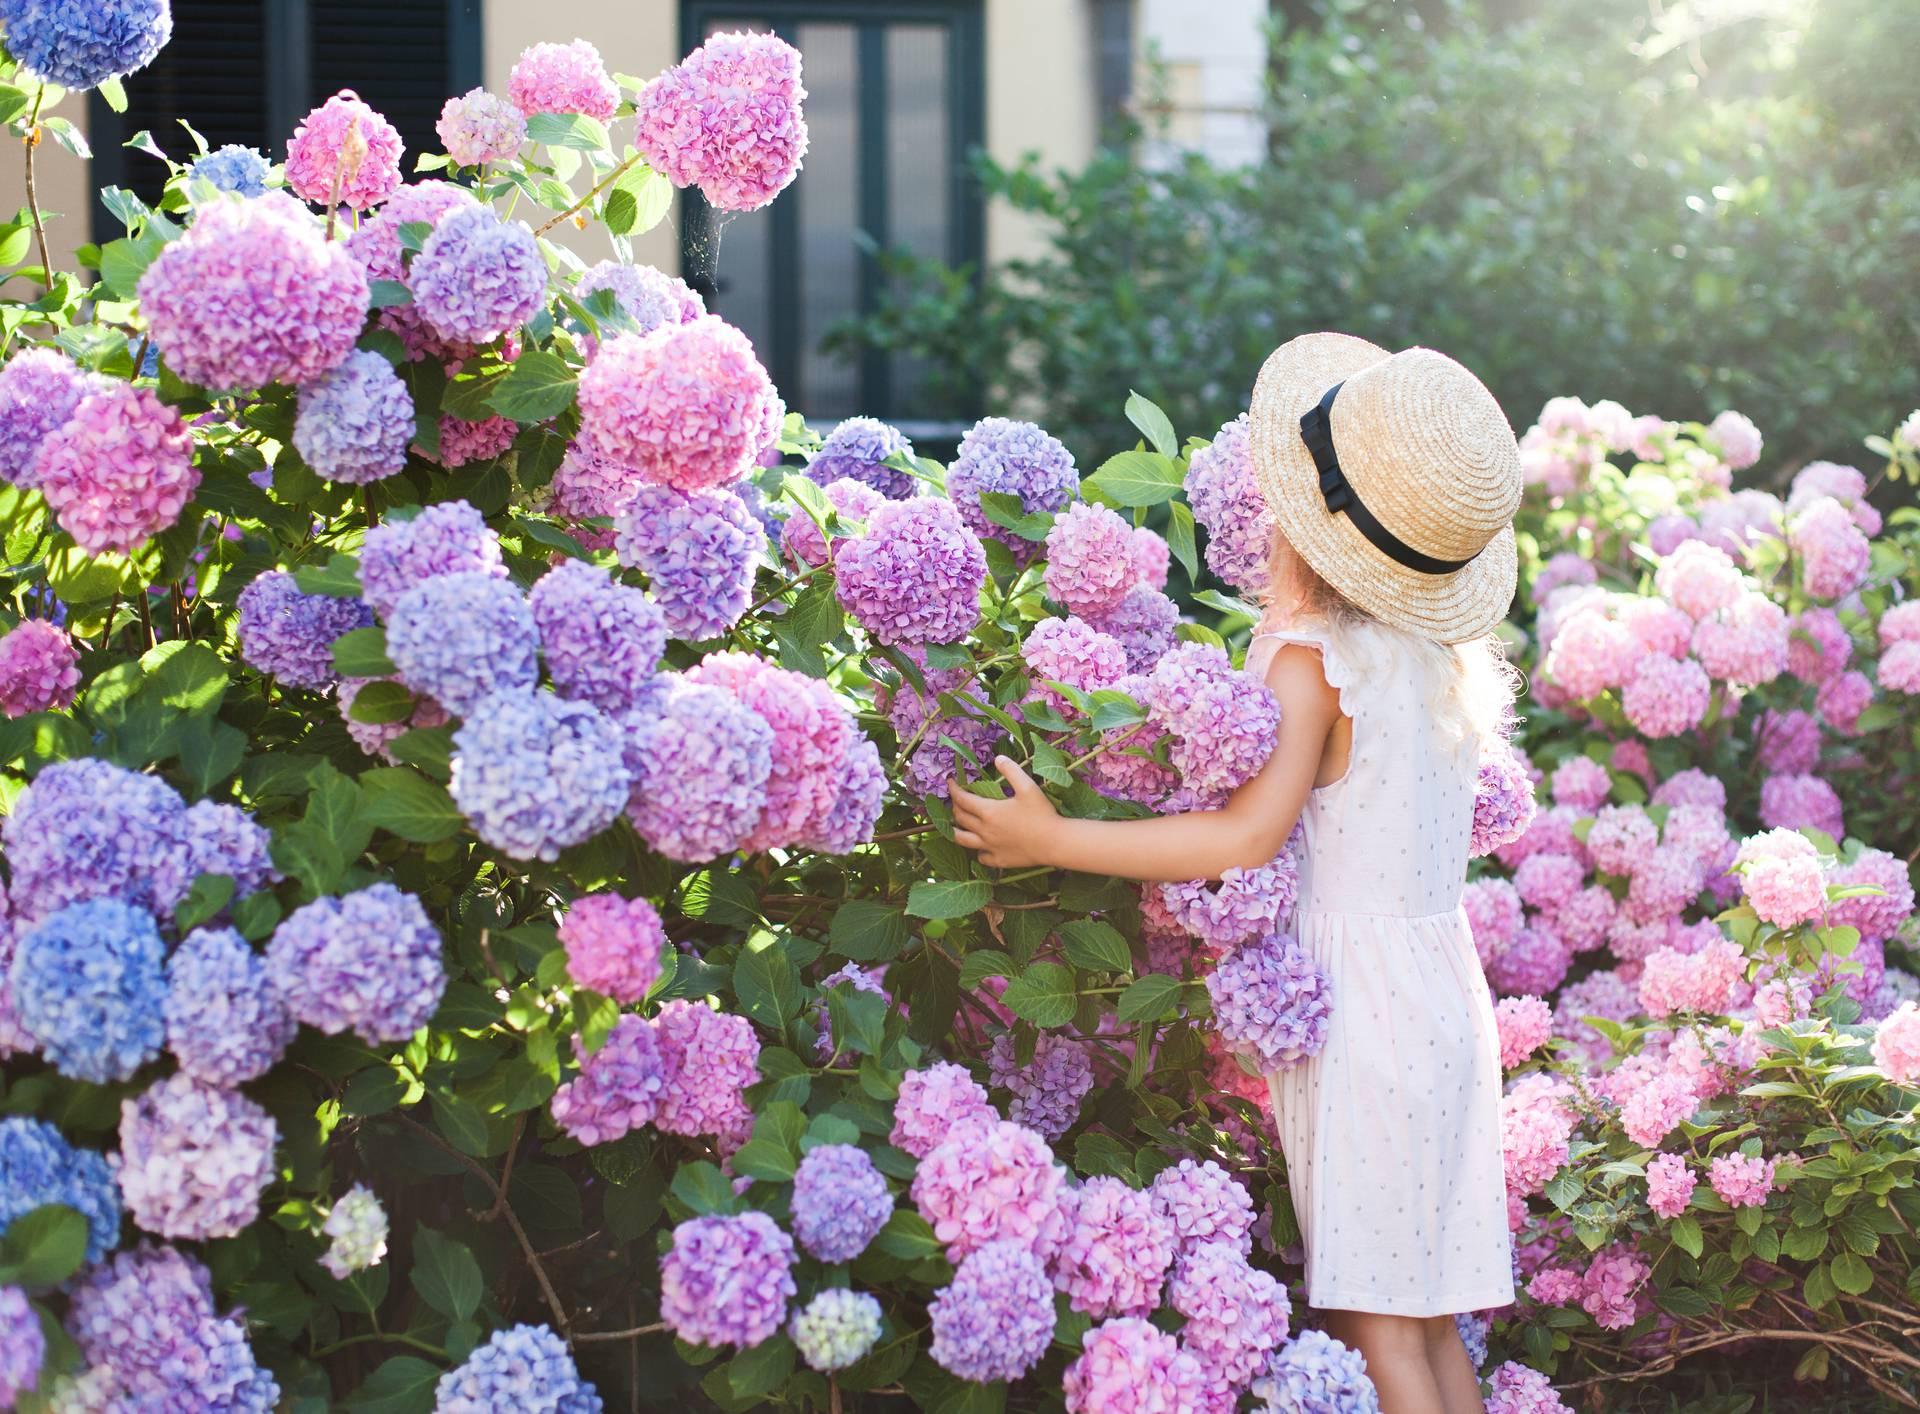 7 otrovnih biljaka koje možda imate u svojoj kući ili u vrtu